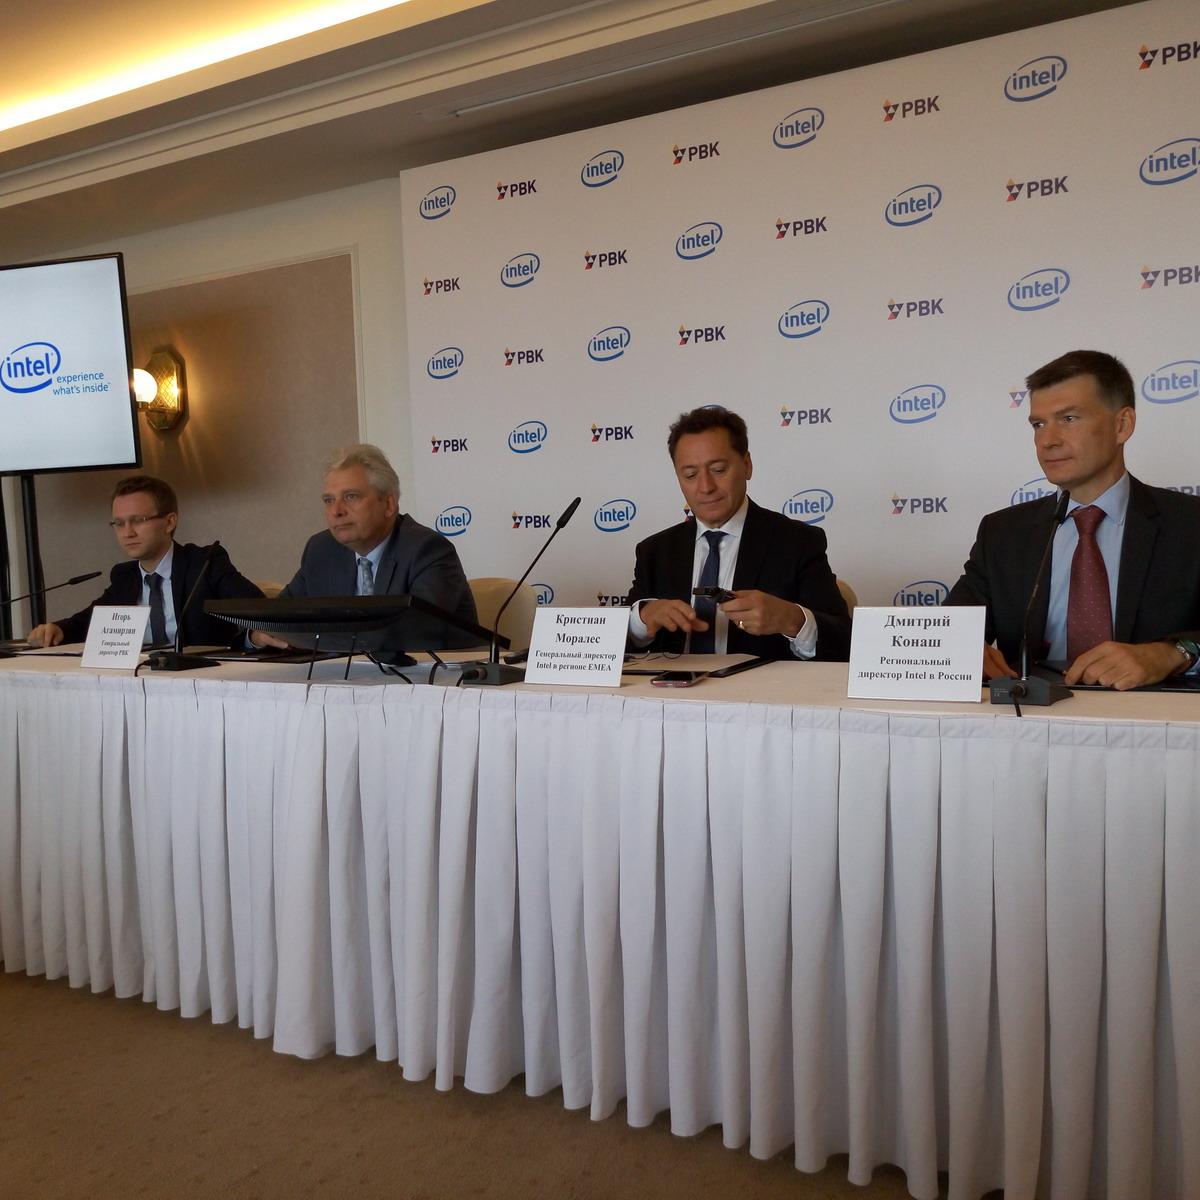 Post Thumbnail of Социальные программы Intel расширяются с помощью венчурных фондов РВК